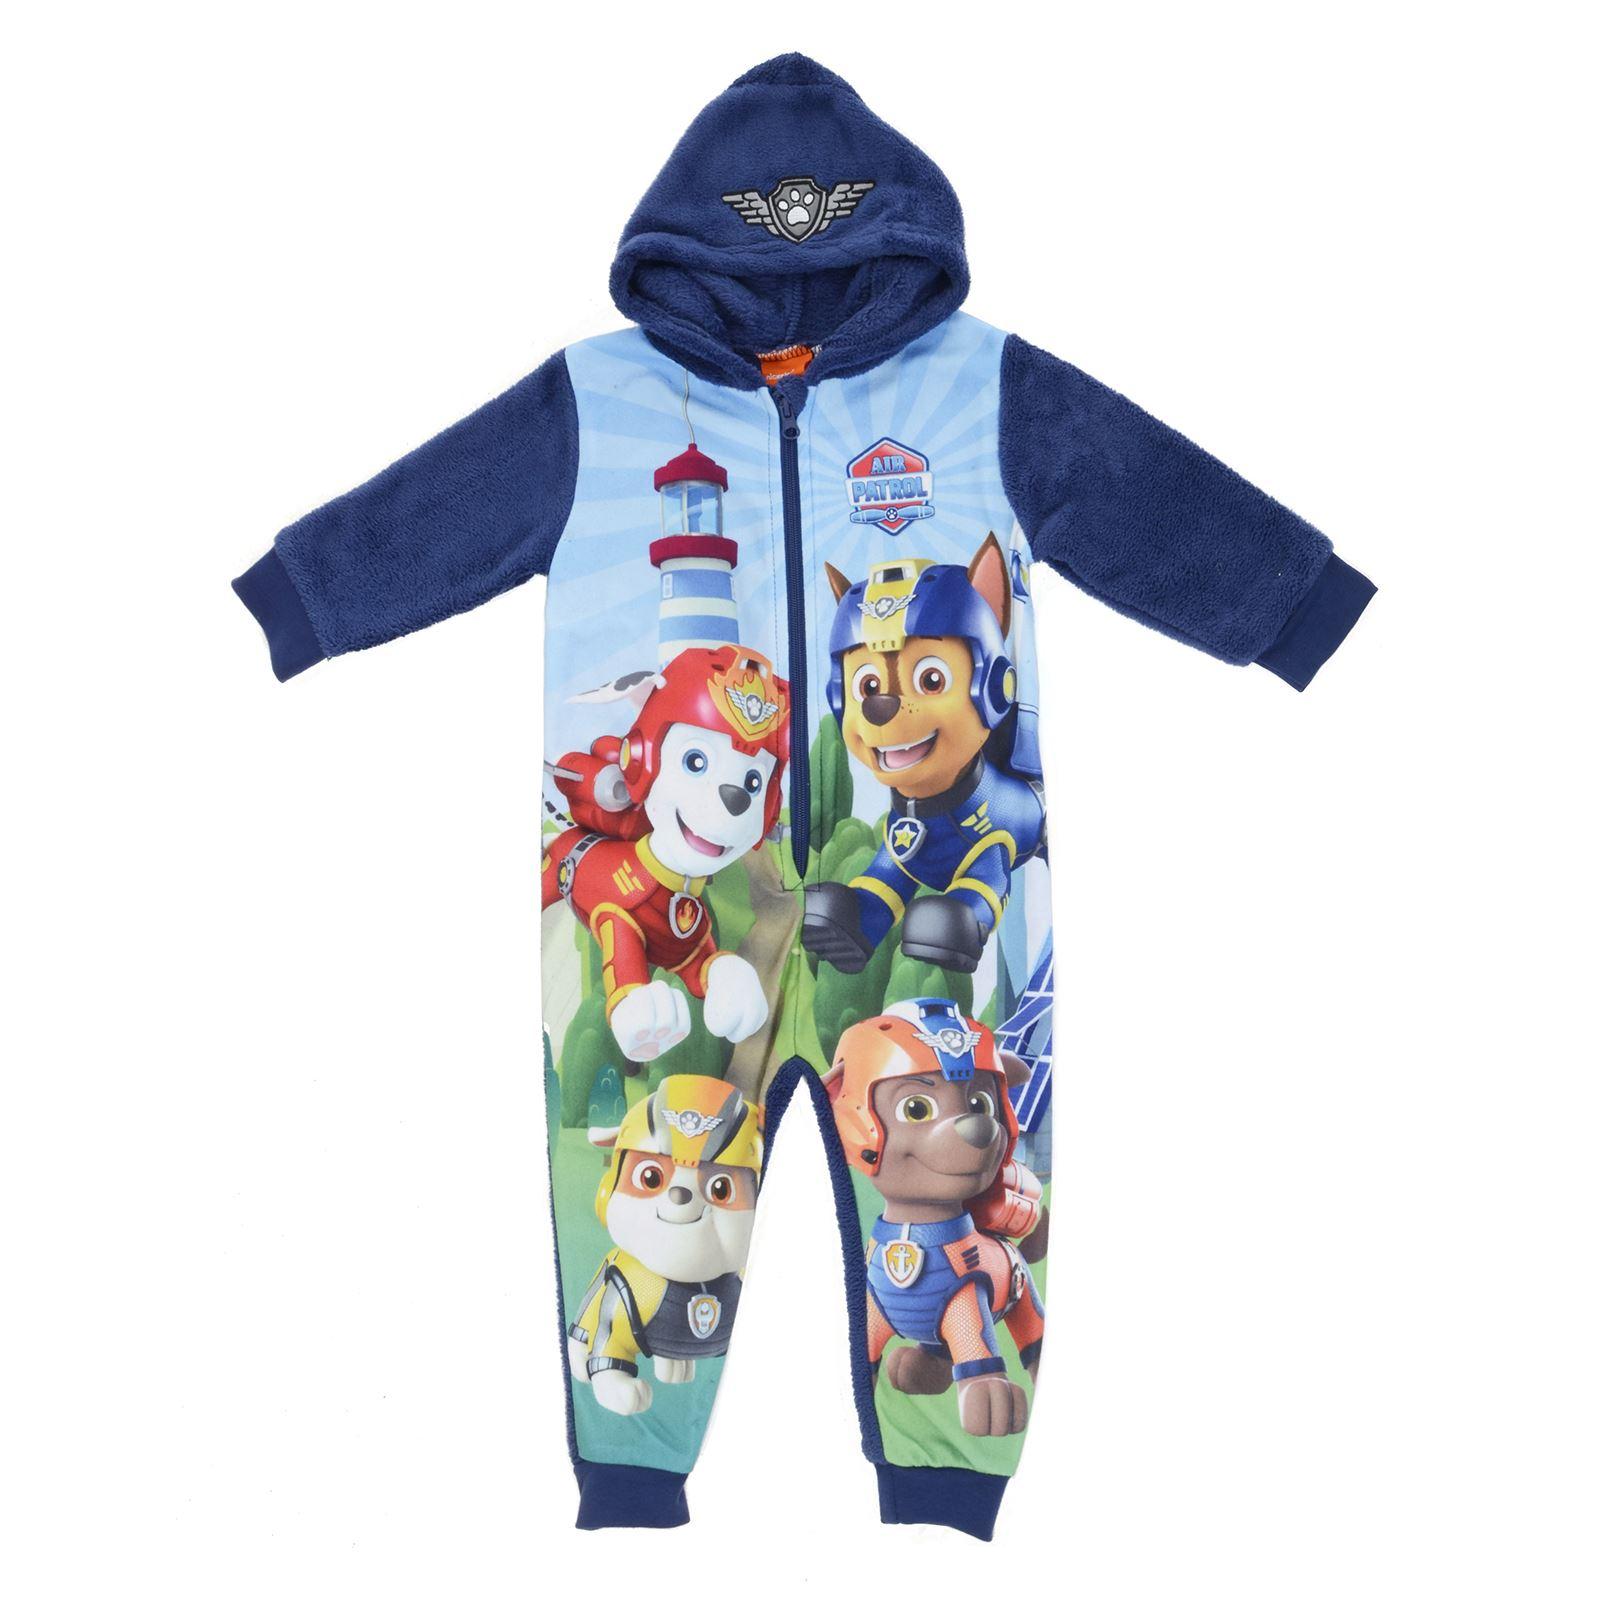 Details about PAW Patrol Kids All In One Hooded Sleep Suit Pyjamas PJs  Fleece Nightwear Blue be2a64d2e